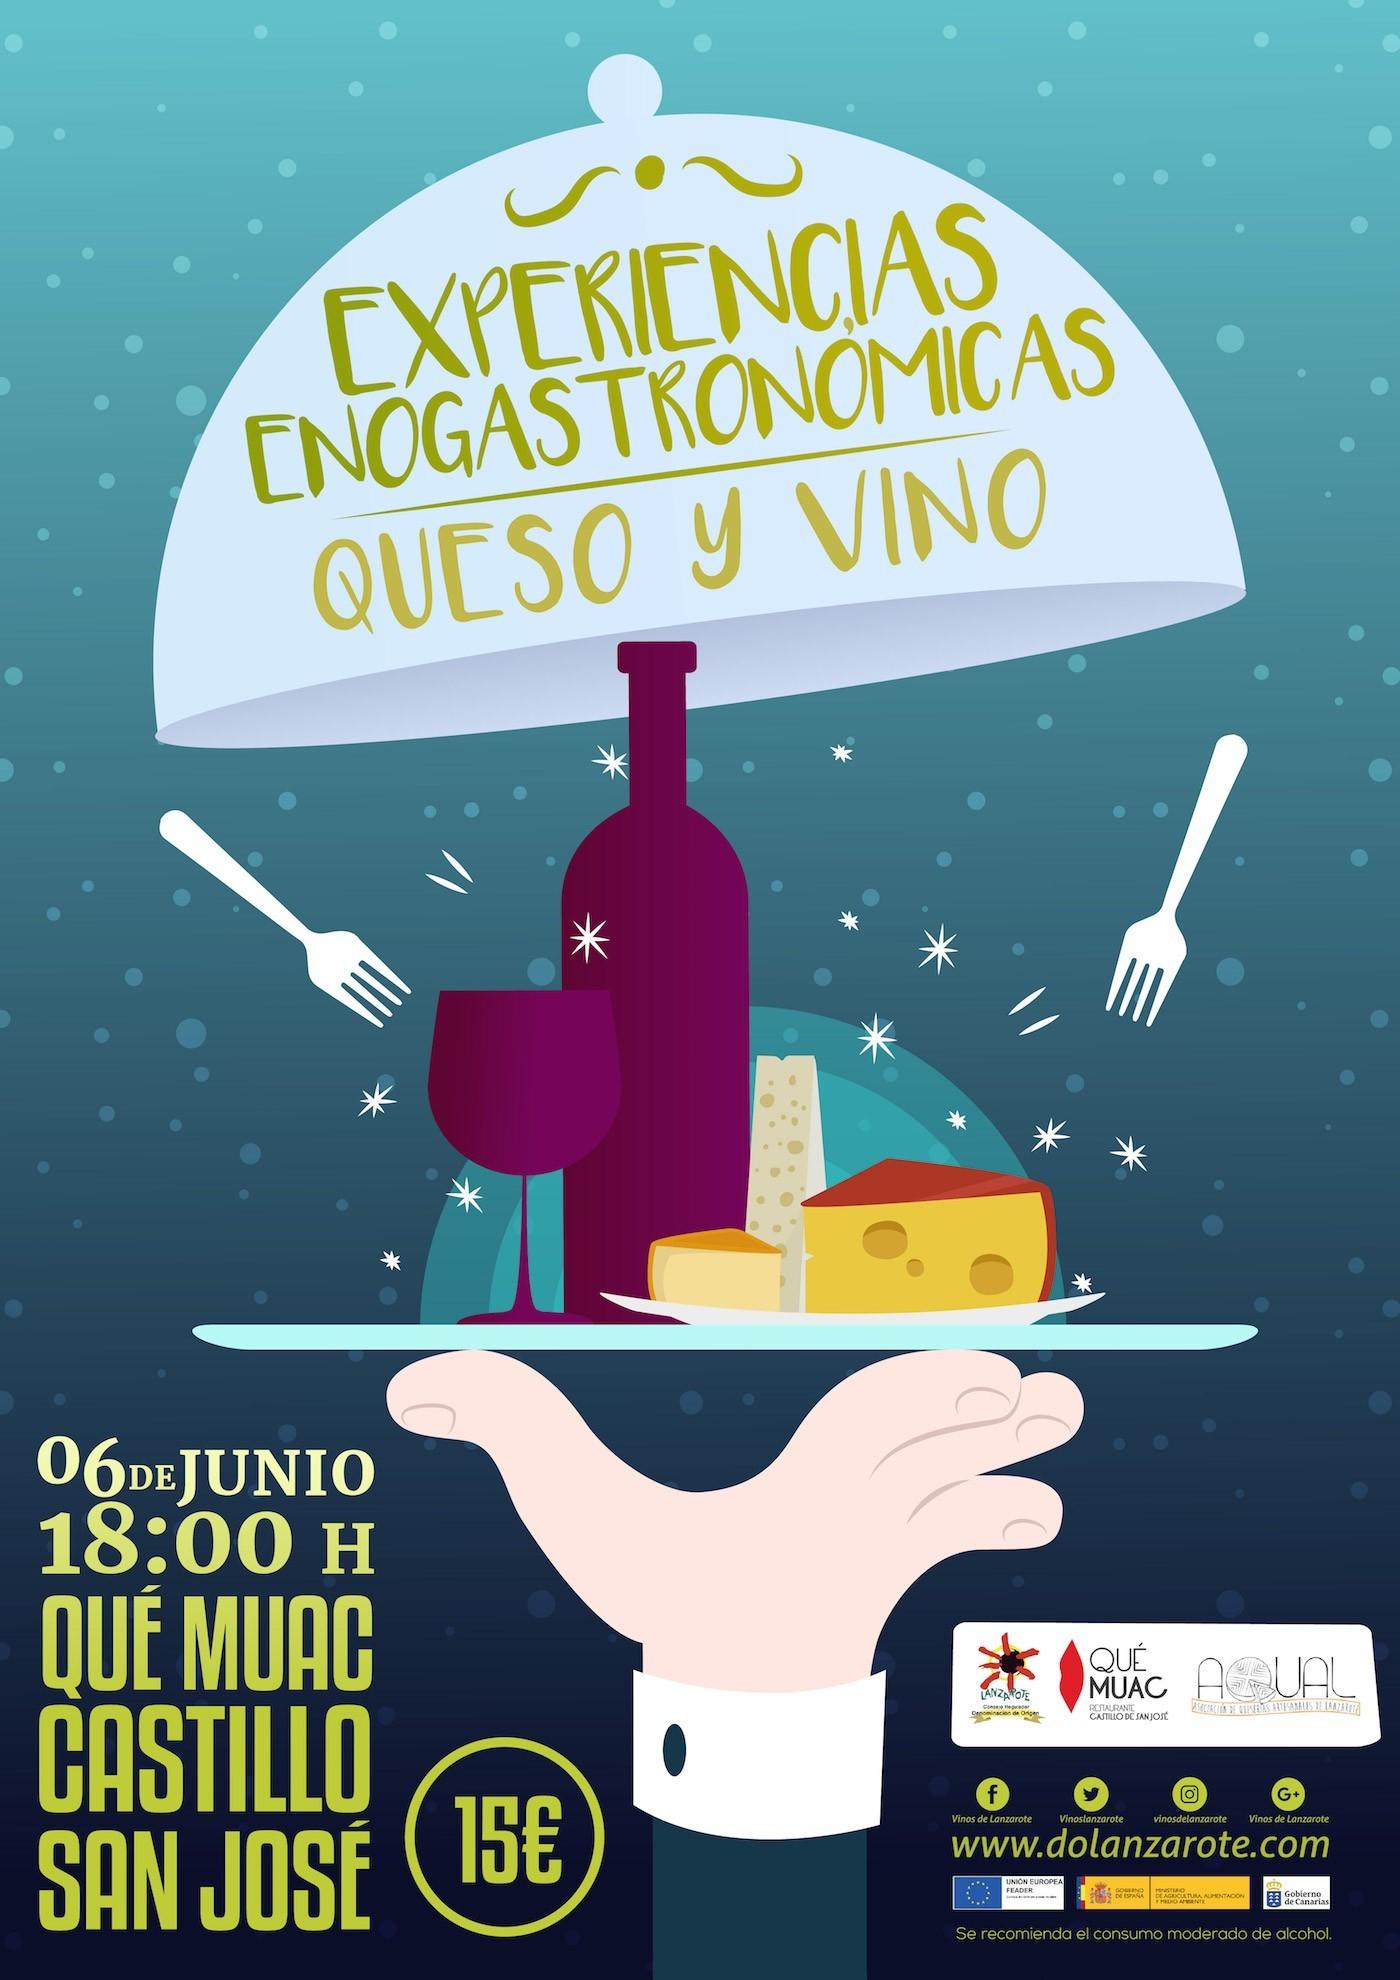 (Español) Experiencias-enogastronómicas-cata-de-quesos-artesanales-de-Lanzarote-y-vinos